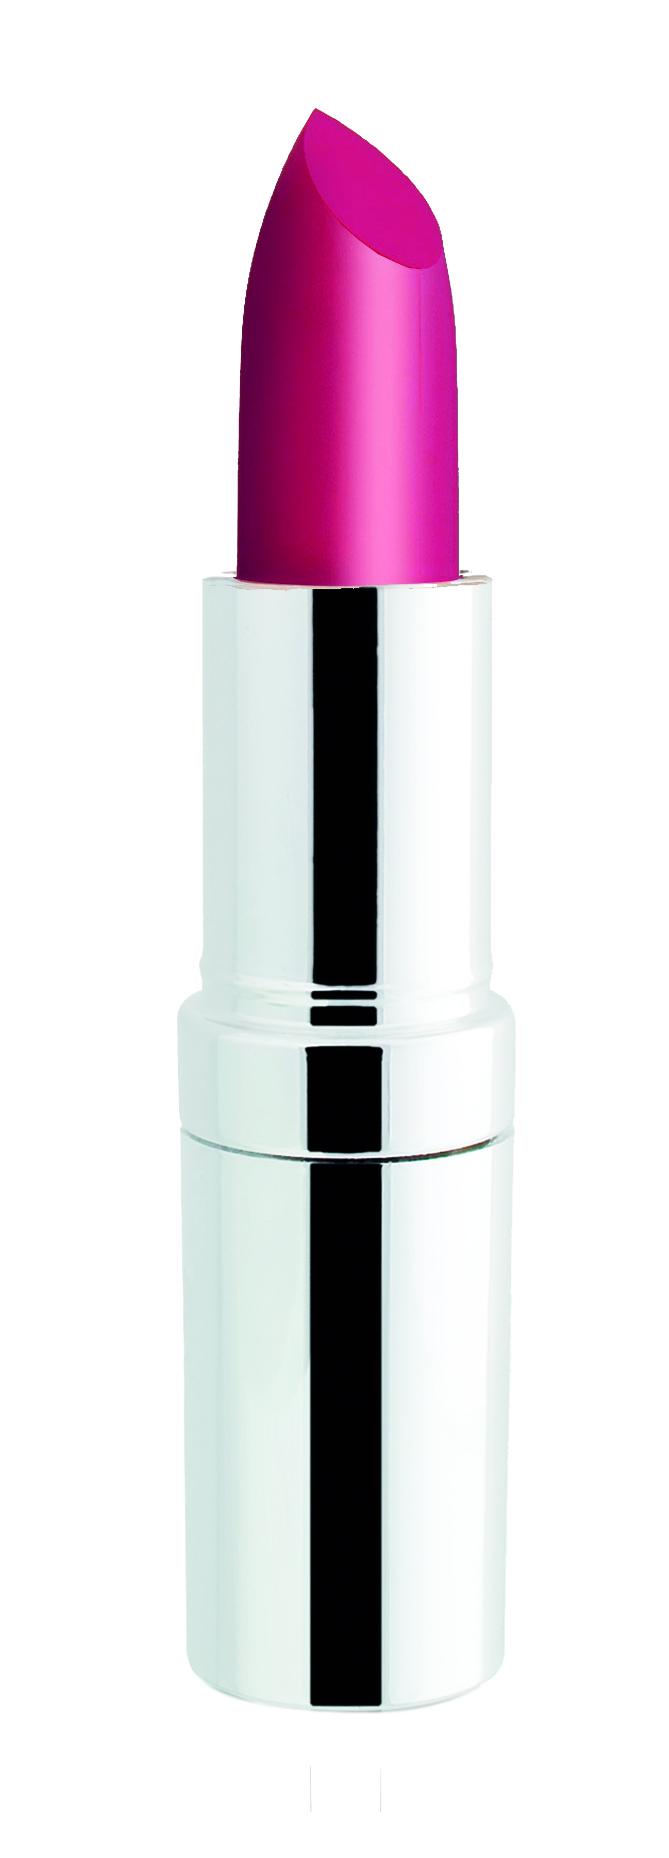 SEVENTEEN Помада губная устойчивая матовая SPF 15, 31 пастельная слива / Matte Lasting Lipstick 5 г